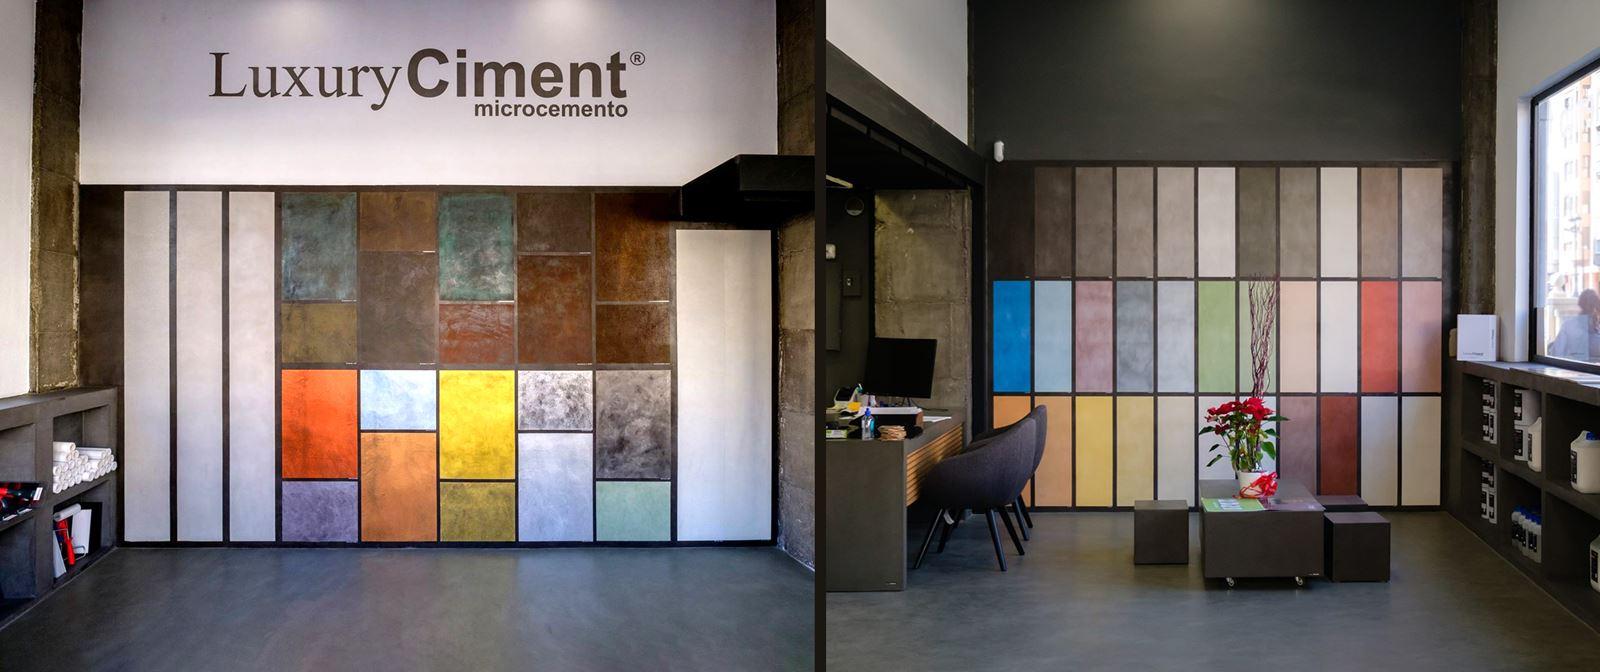 Microcemento luxuryciment delegación tienda Valencia